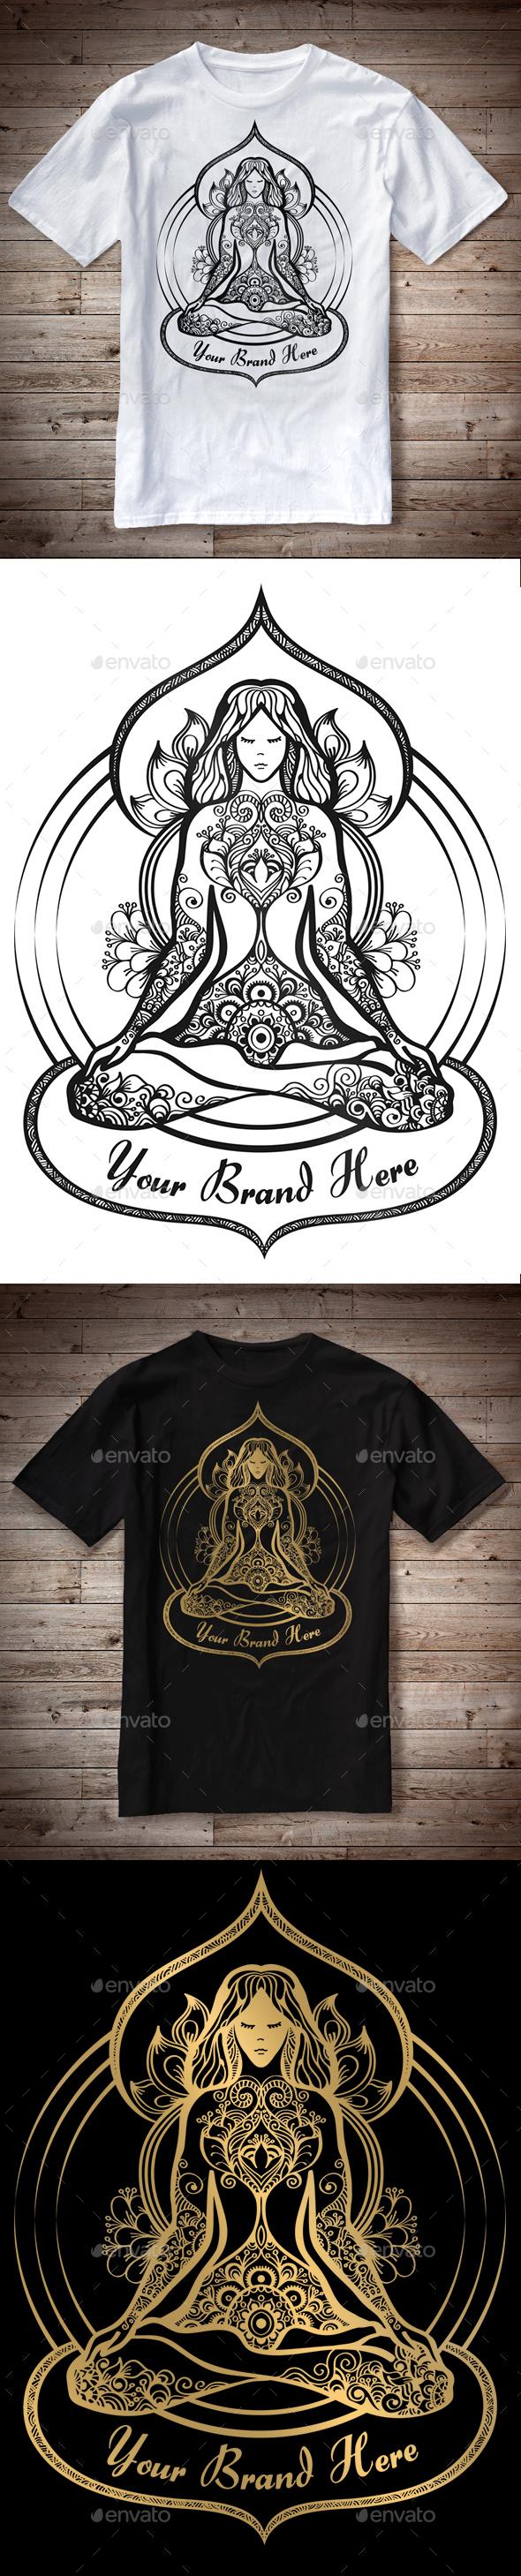 T-Shirt Illustration Yoga Theme - T-Shirts